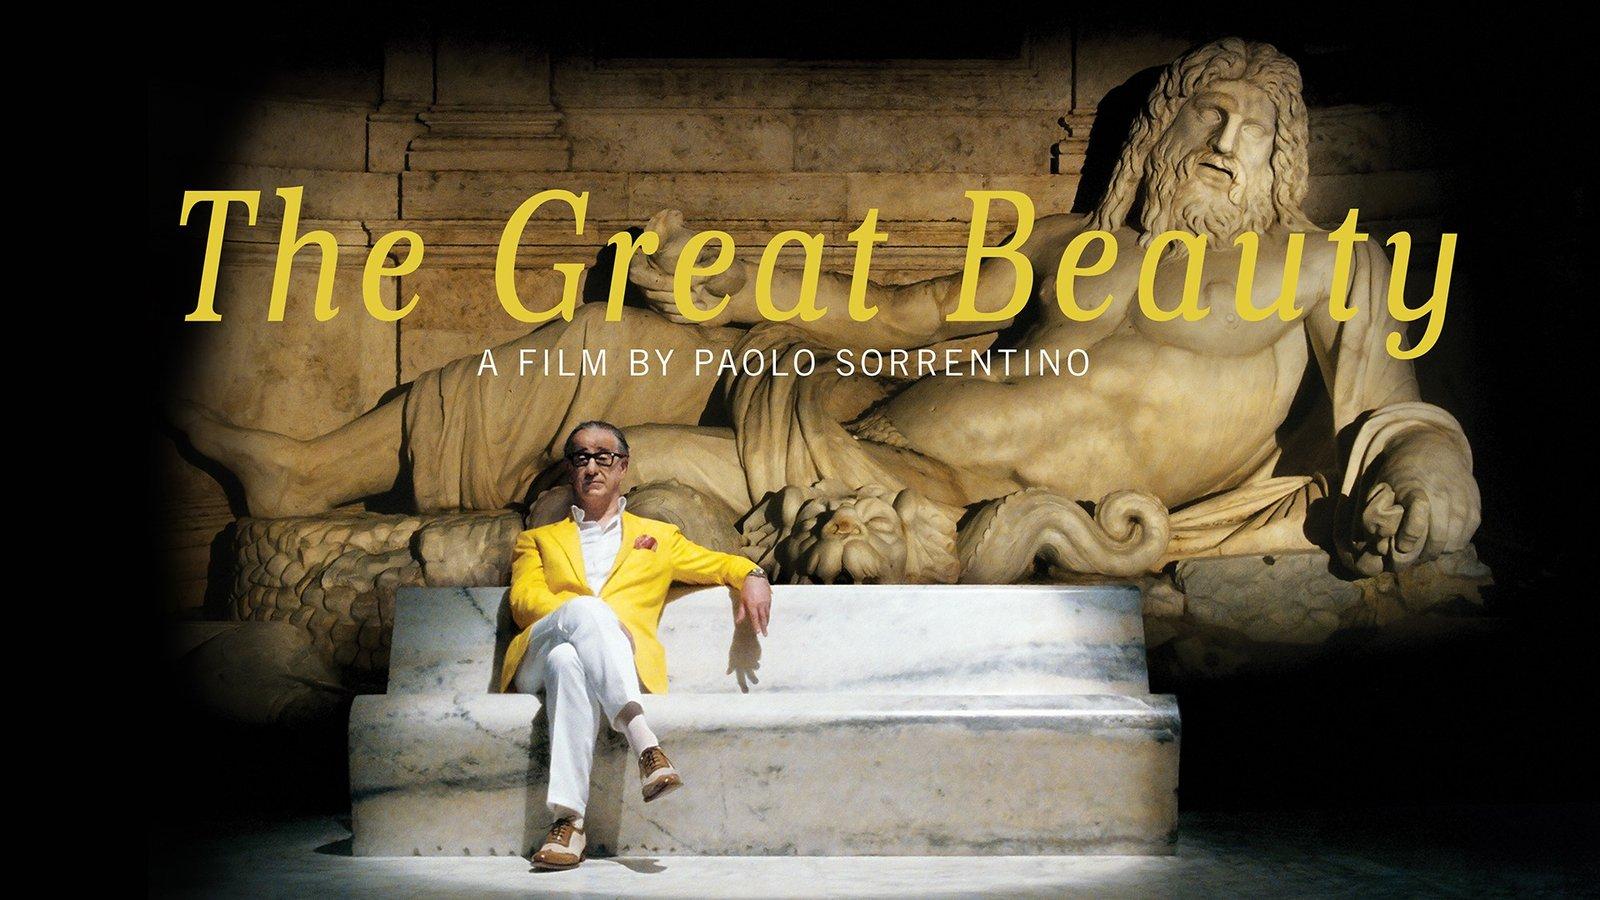 The Great Beauty (La Grande Bellezza)